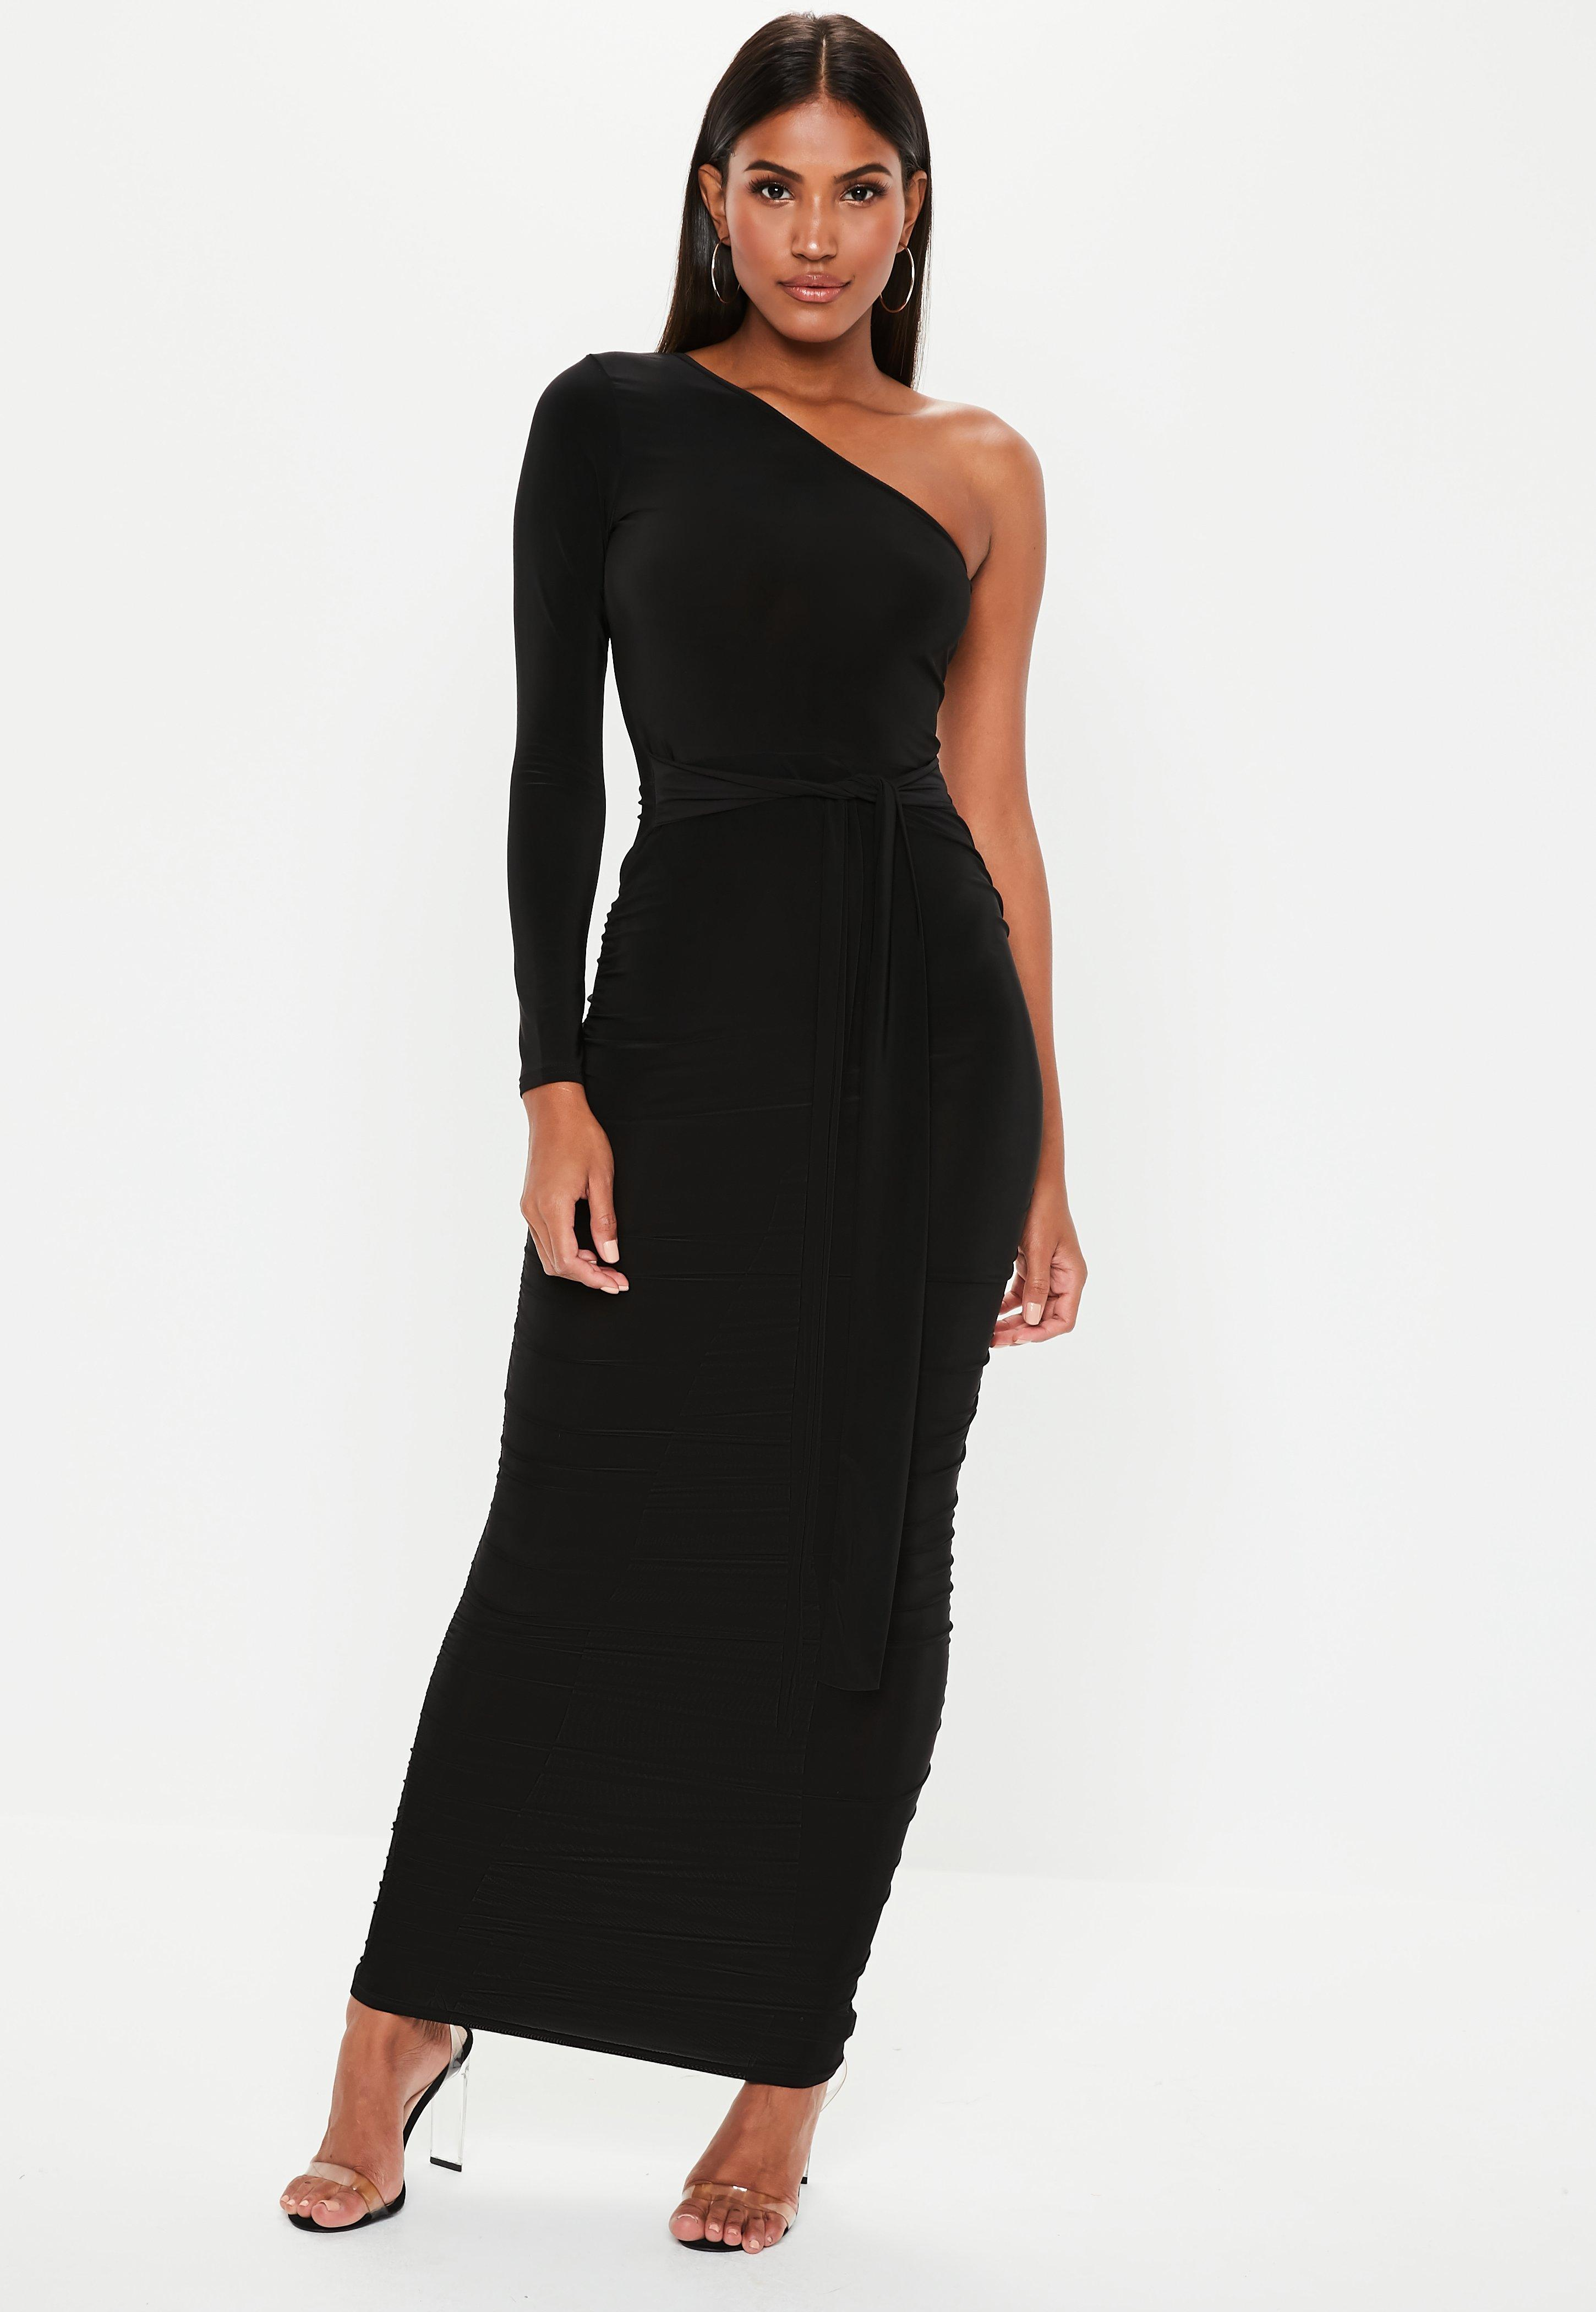 cf8905f54ba Dresses UK